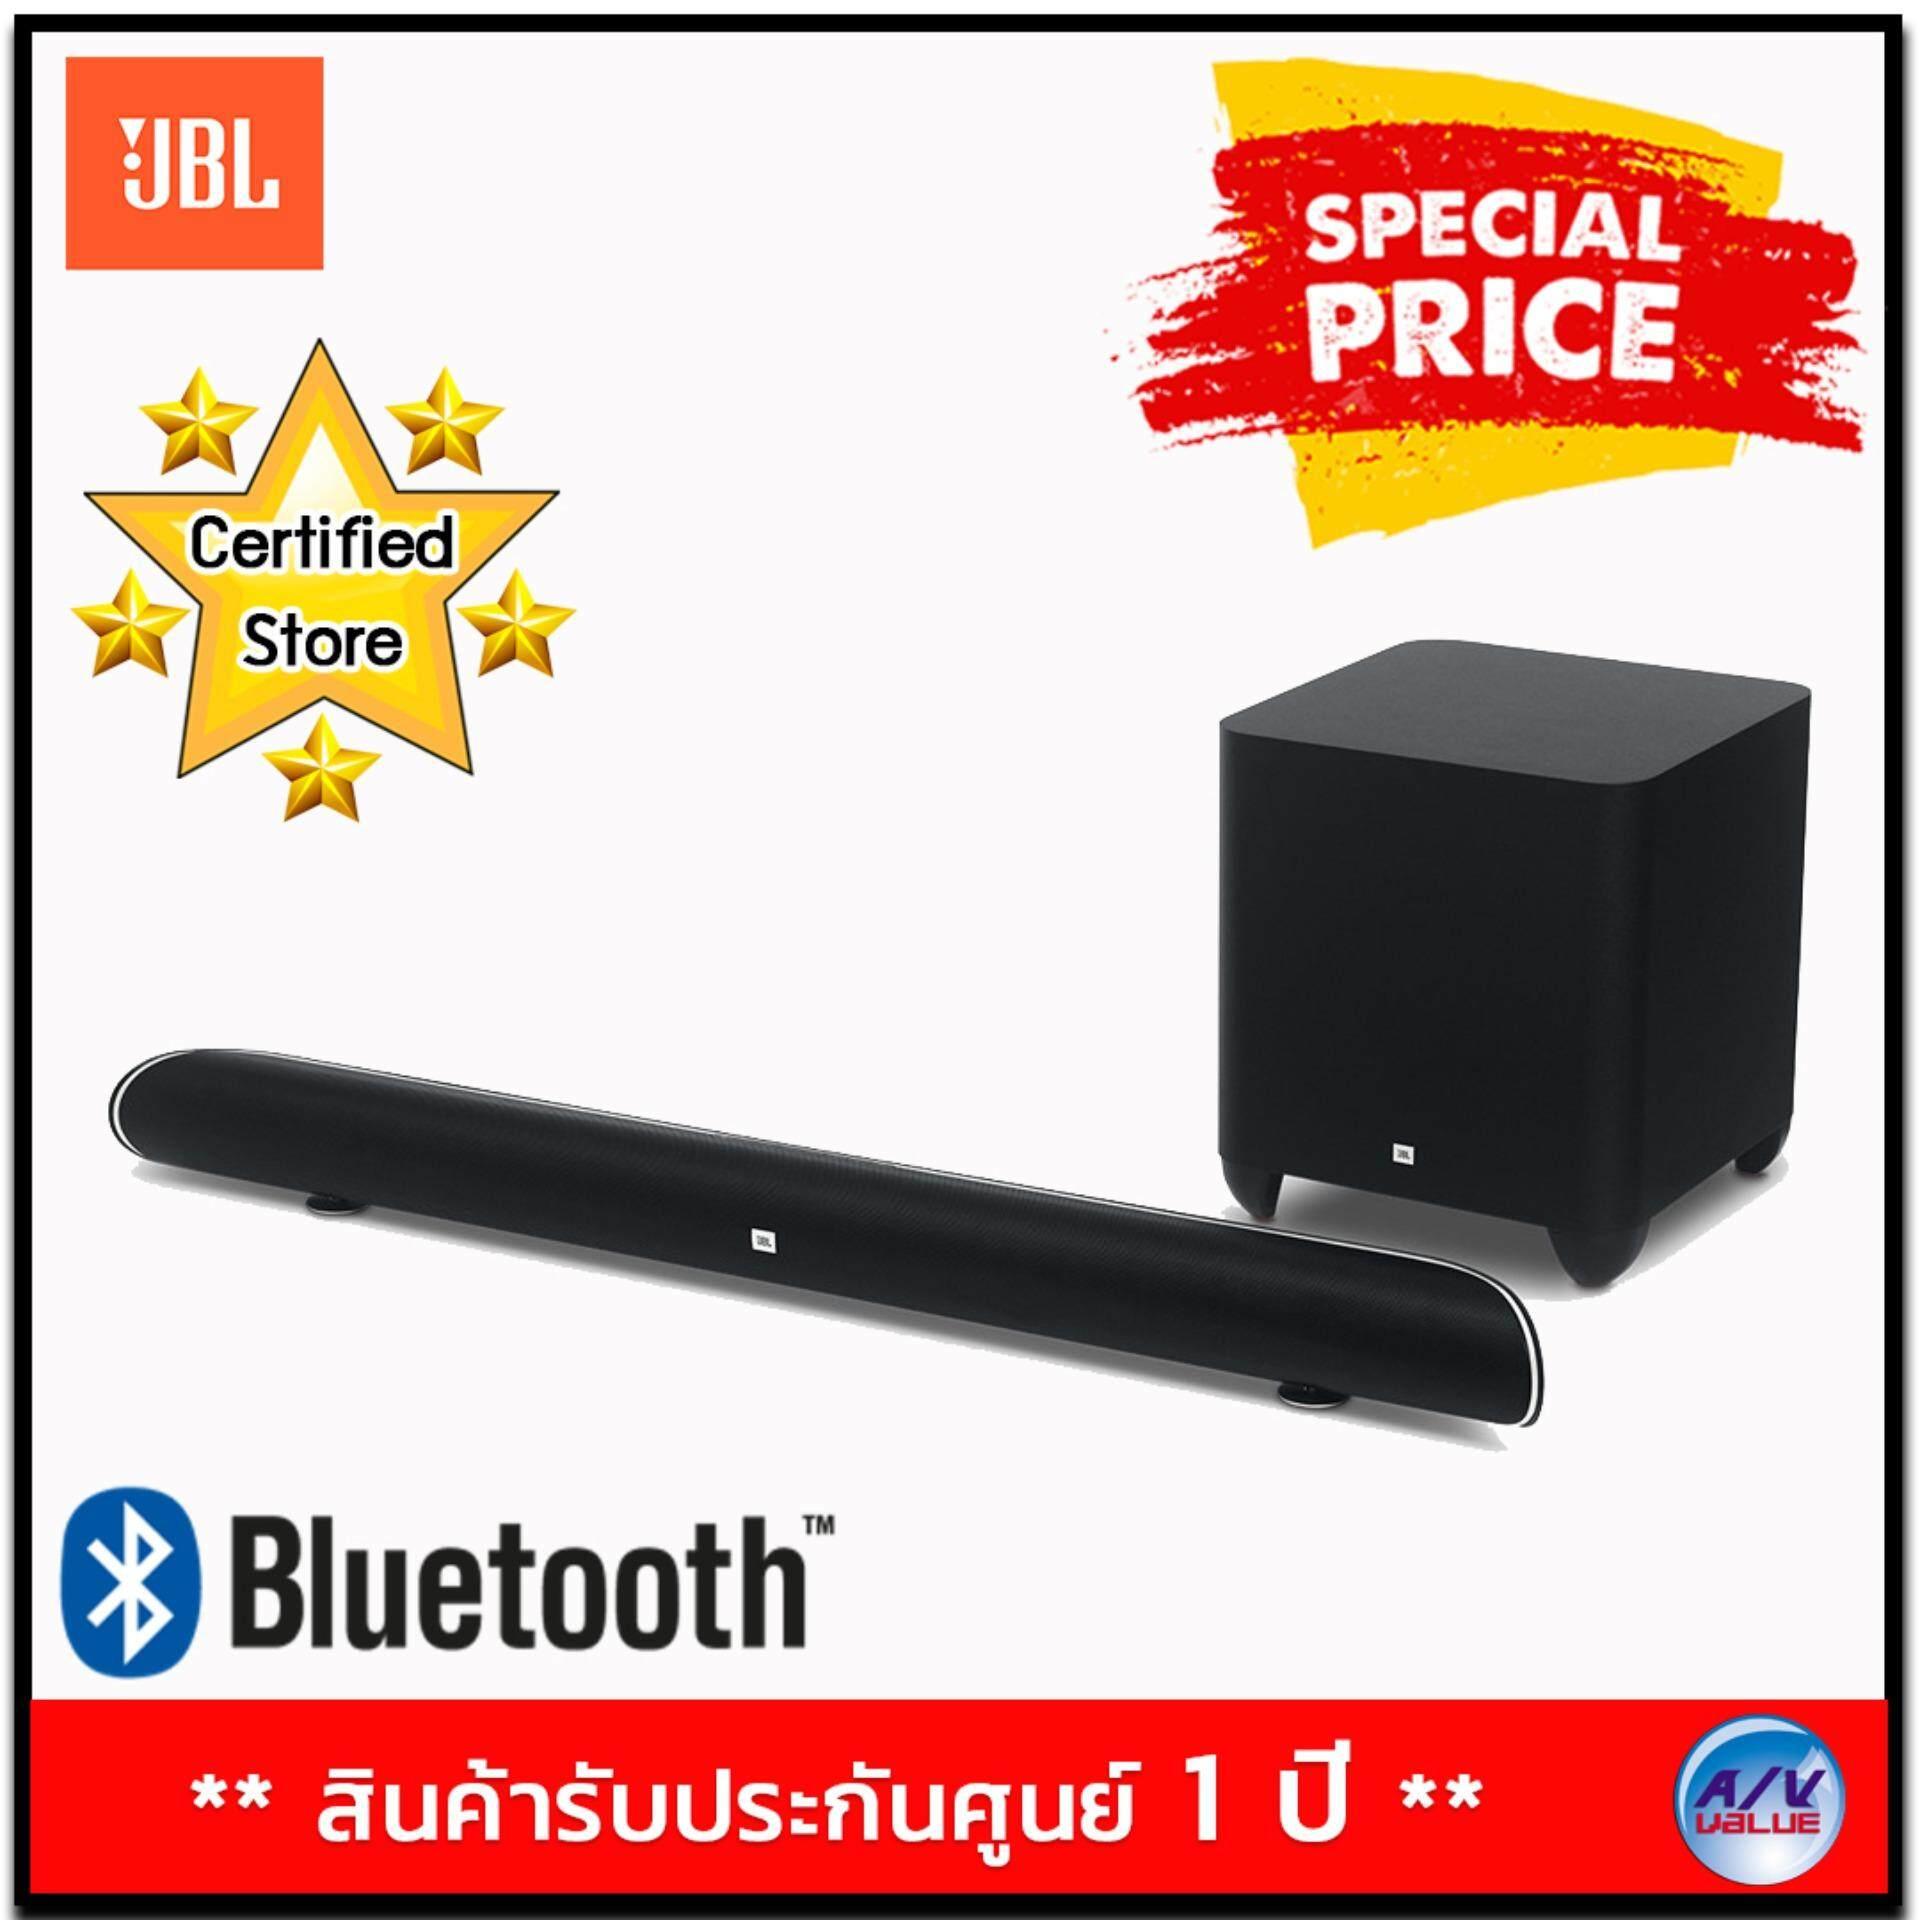 ยี่ห้อนี้ดีไหม  เพชรบุรี JBL Cinema SB450 4K Ultra-HD soundbar **Voucher ส่วนลดเพิ่มพิเศษ